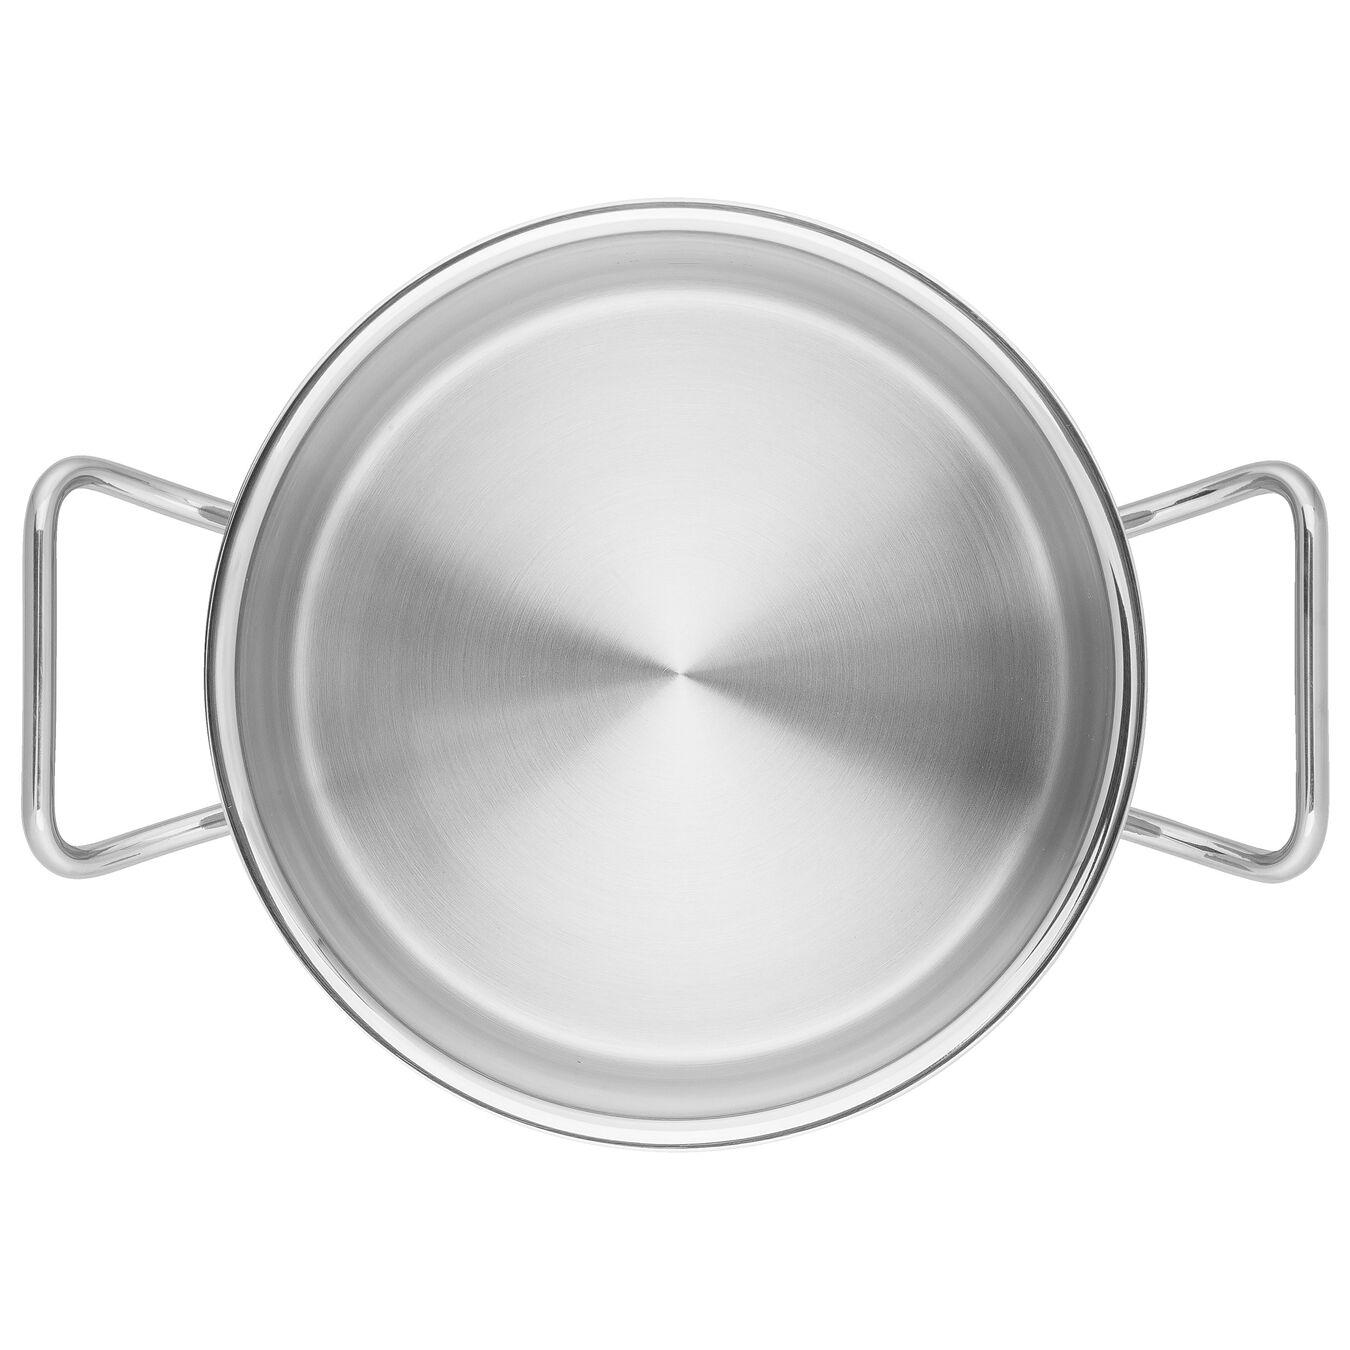 Casseruola - 16 cm, acciaio,,large 6